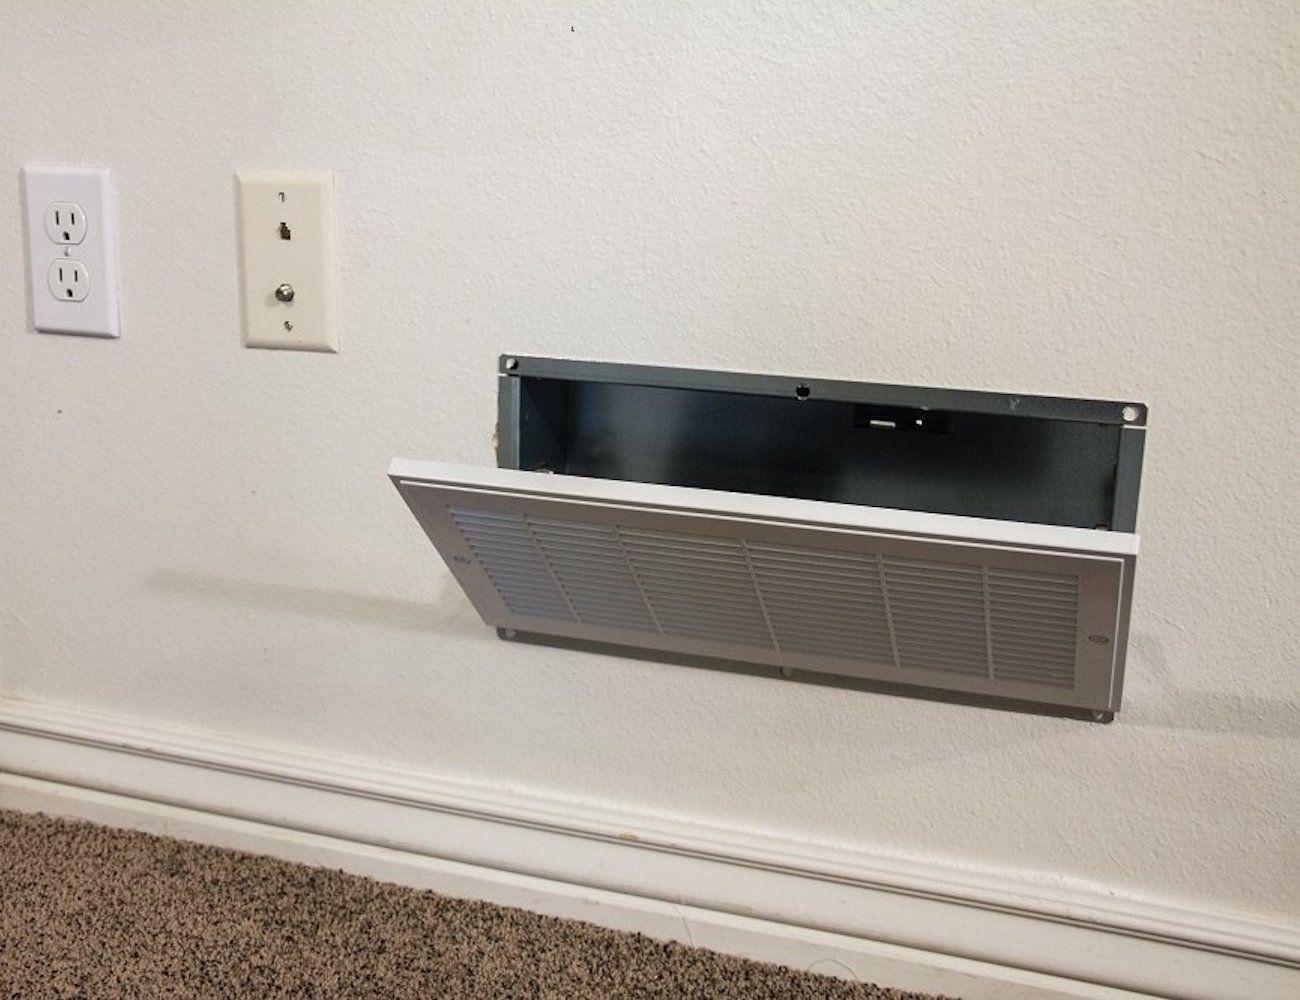 Air Vent Hidden Safe With Rfid Lock Hidden safe, Hidden